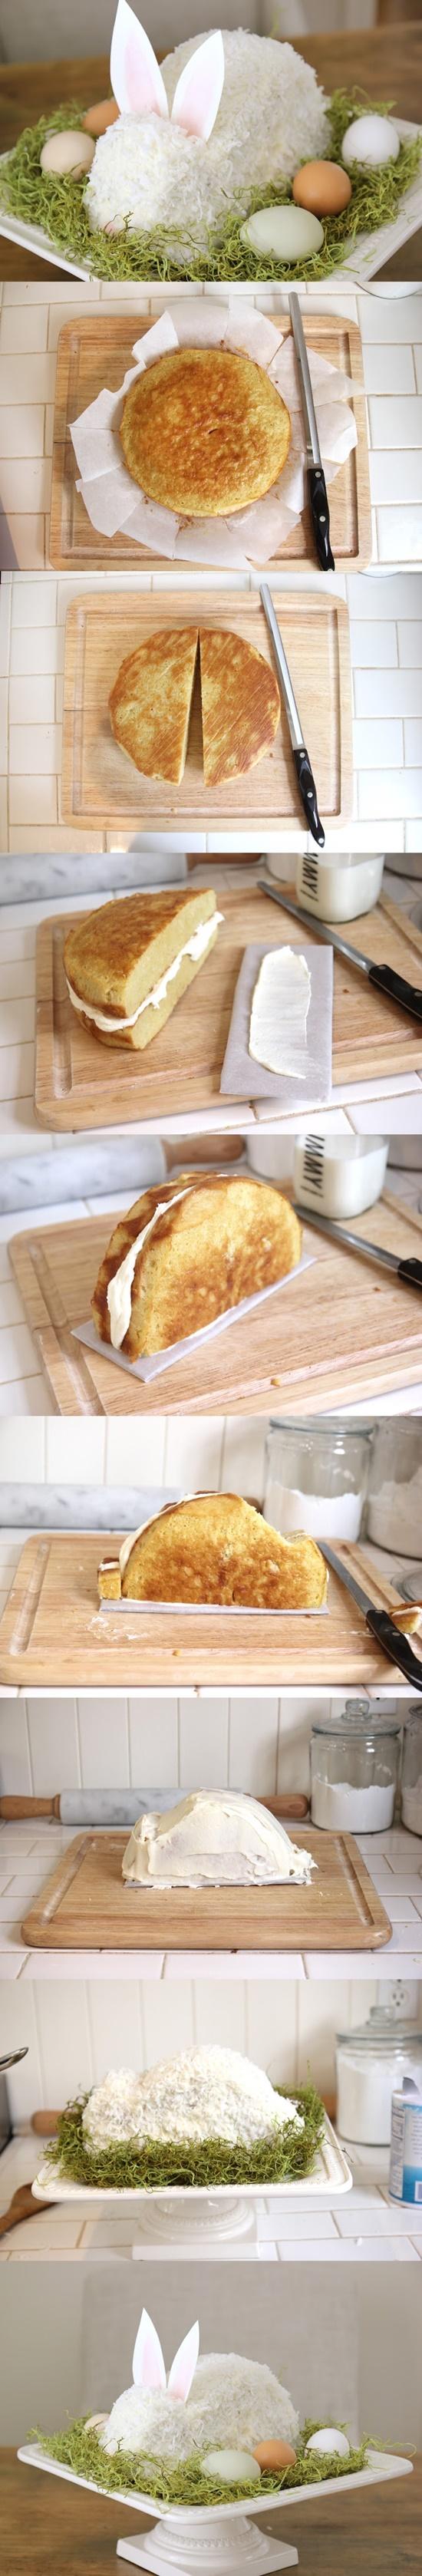 Que tal um bolo em forma de coelho... uma ótima pedida para reinventar a páscoa!